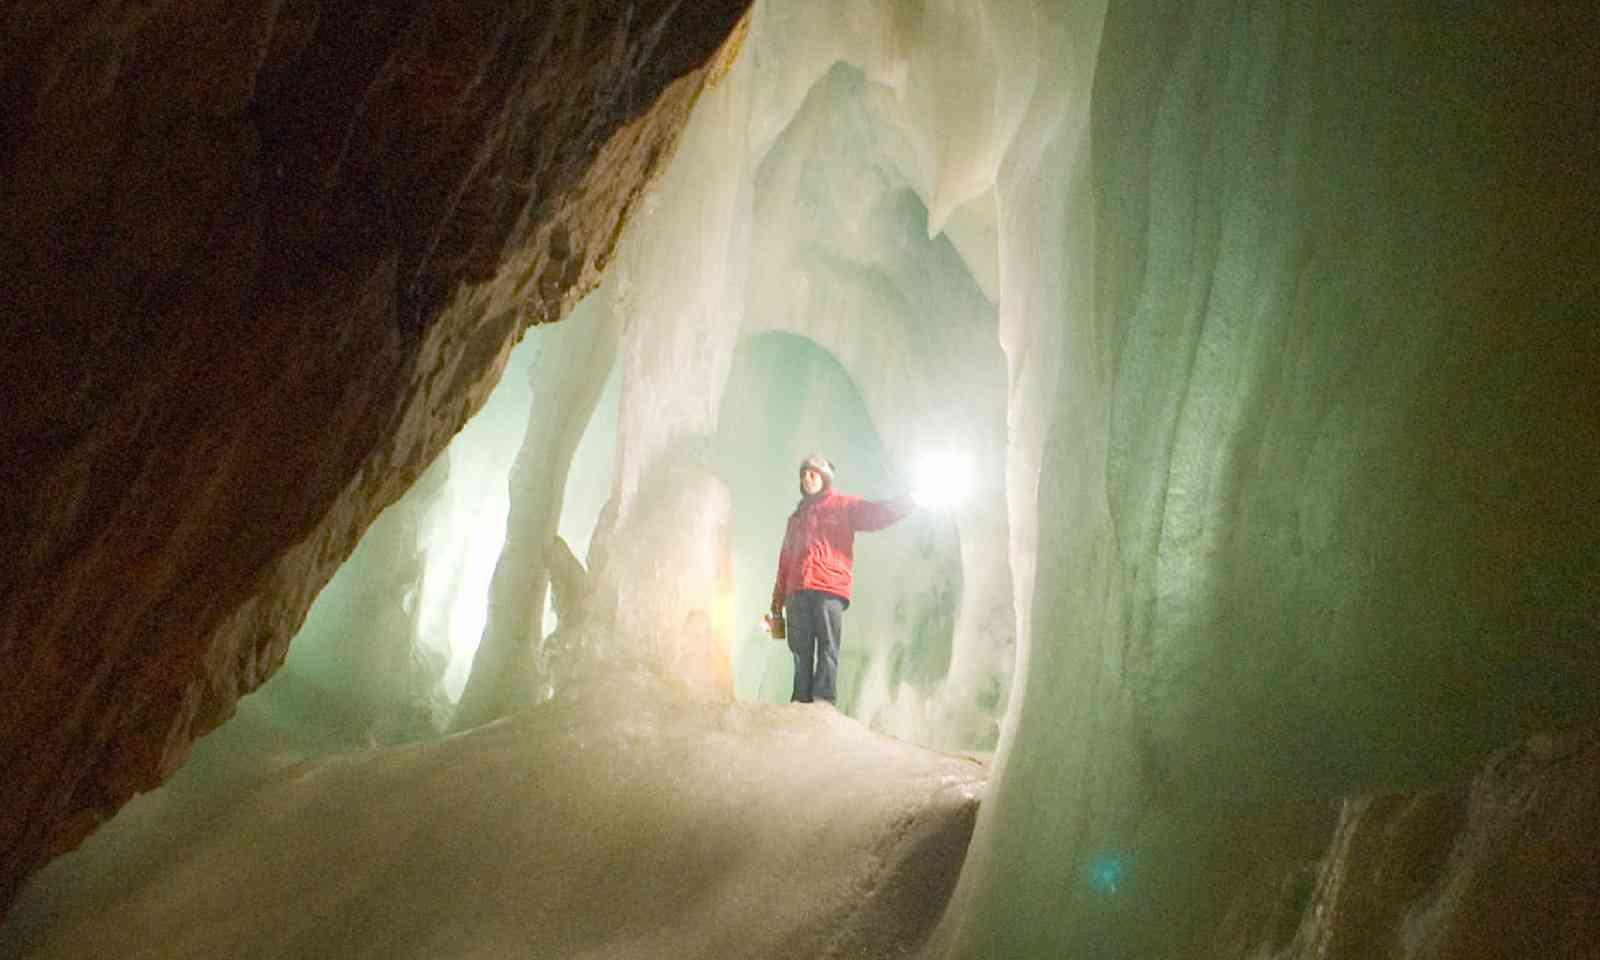 Eisriesenwelt Ice Cave (Flickr C/C: Inspiration Point Studio)